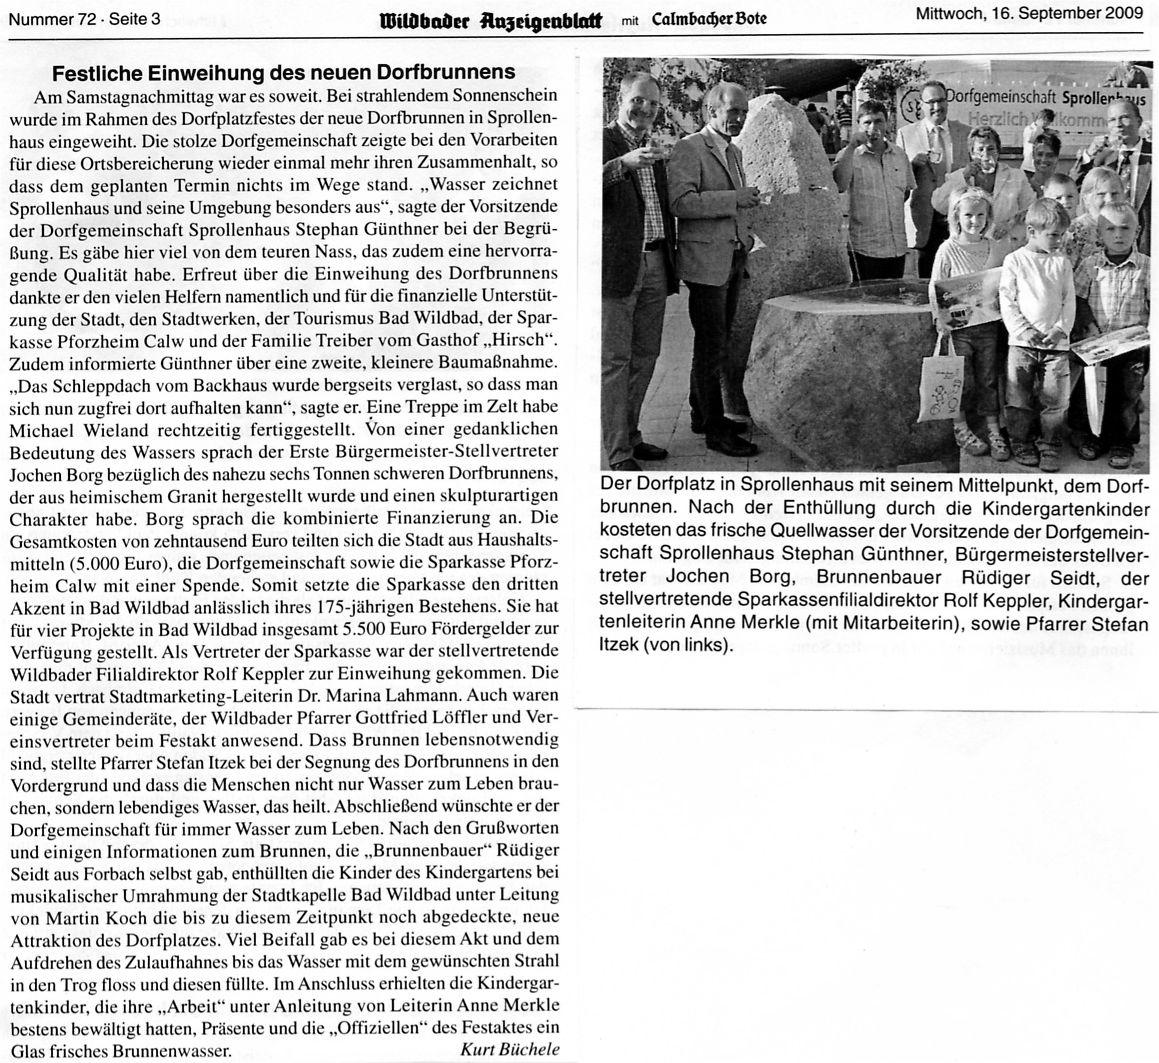 2009-09-16-wildbader_anzeigeblatt-dorfplatzfest